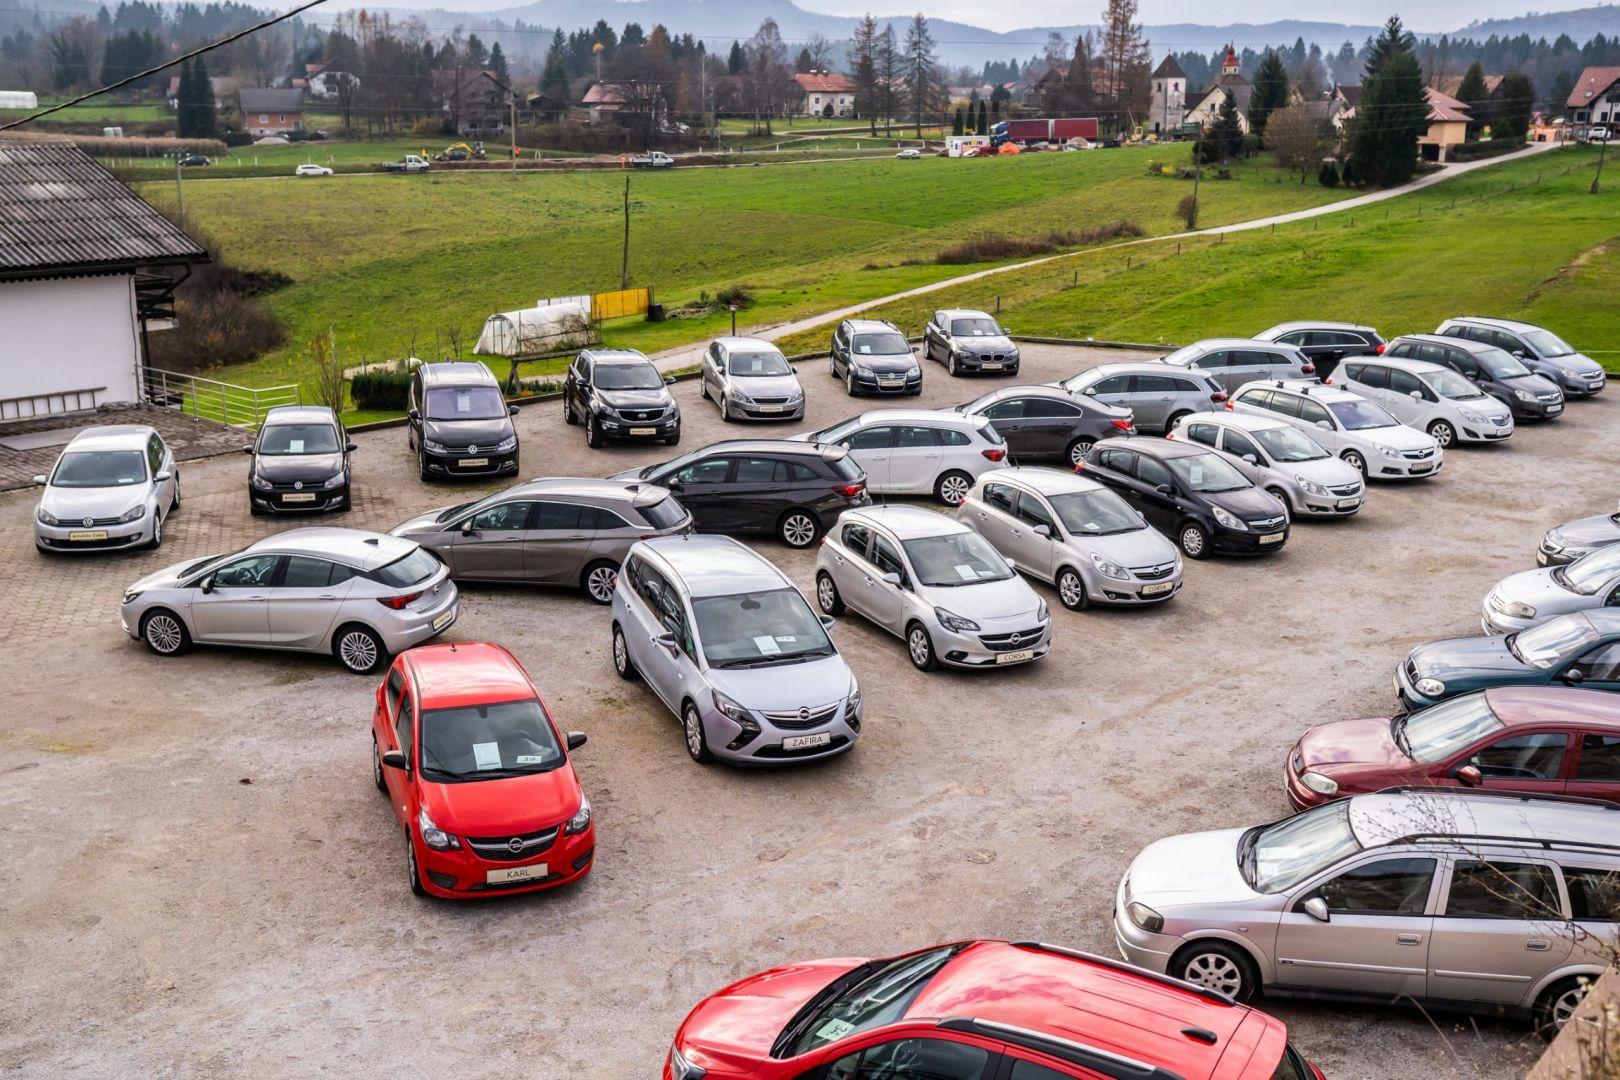 avtohisa-zalar-nova-rabljena-vozila-servis-prodaja-vzdrzevanje-zavarovanje-svetovanje (71)